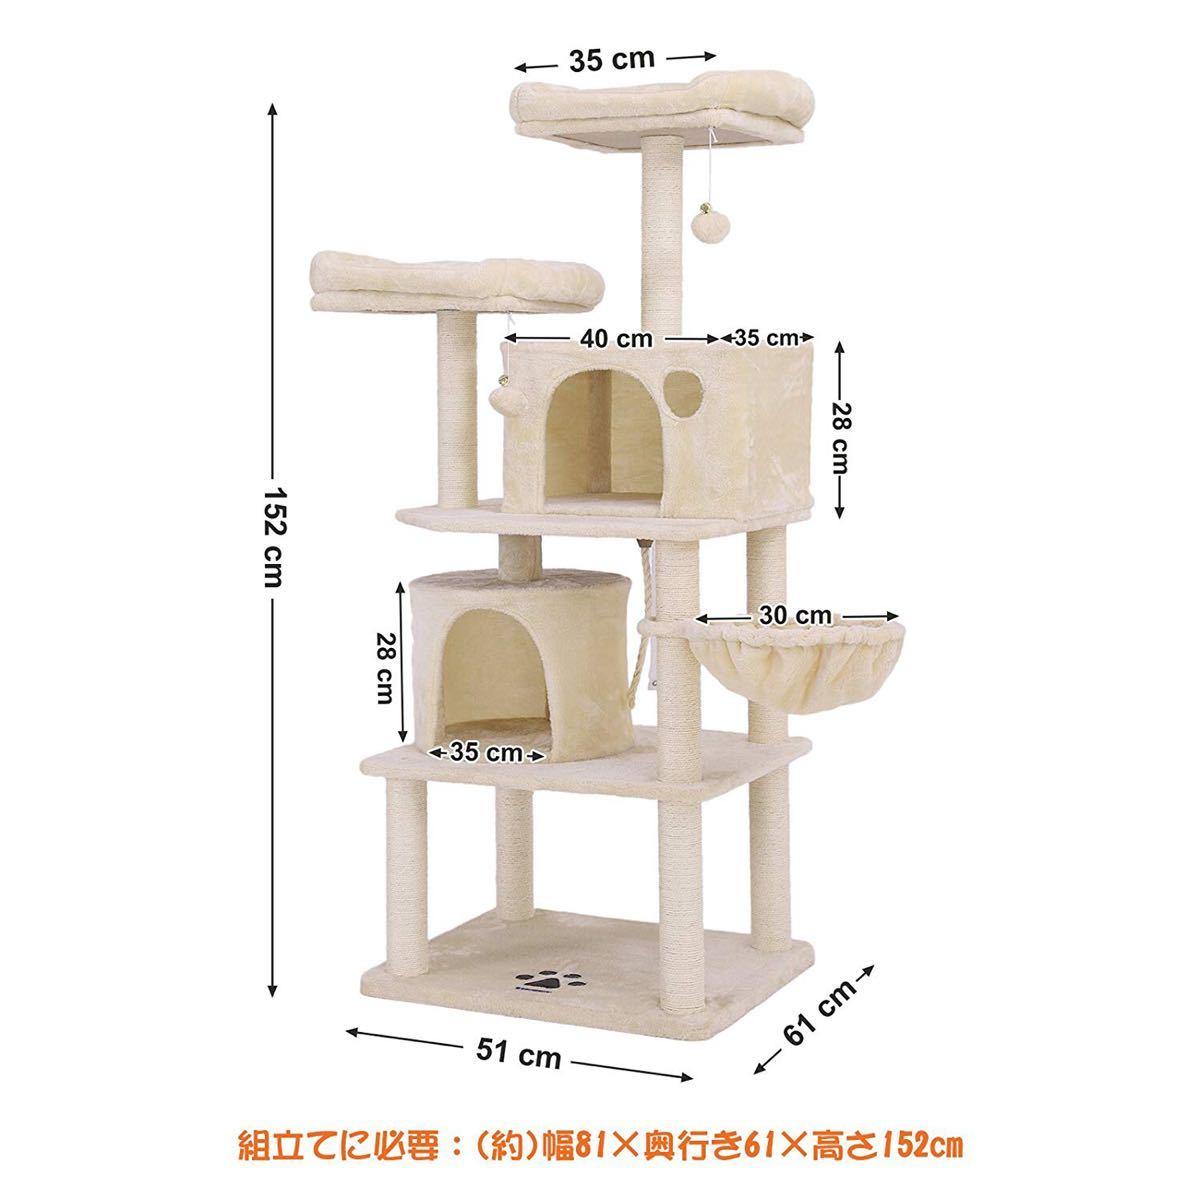 ハンモック付き全面麻紐猫キャットタワー 2つ猫ハウス 90M